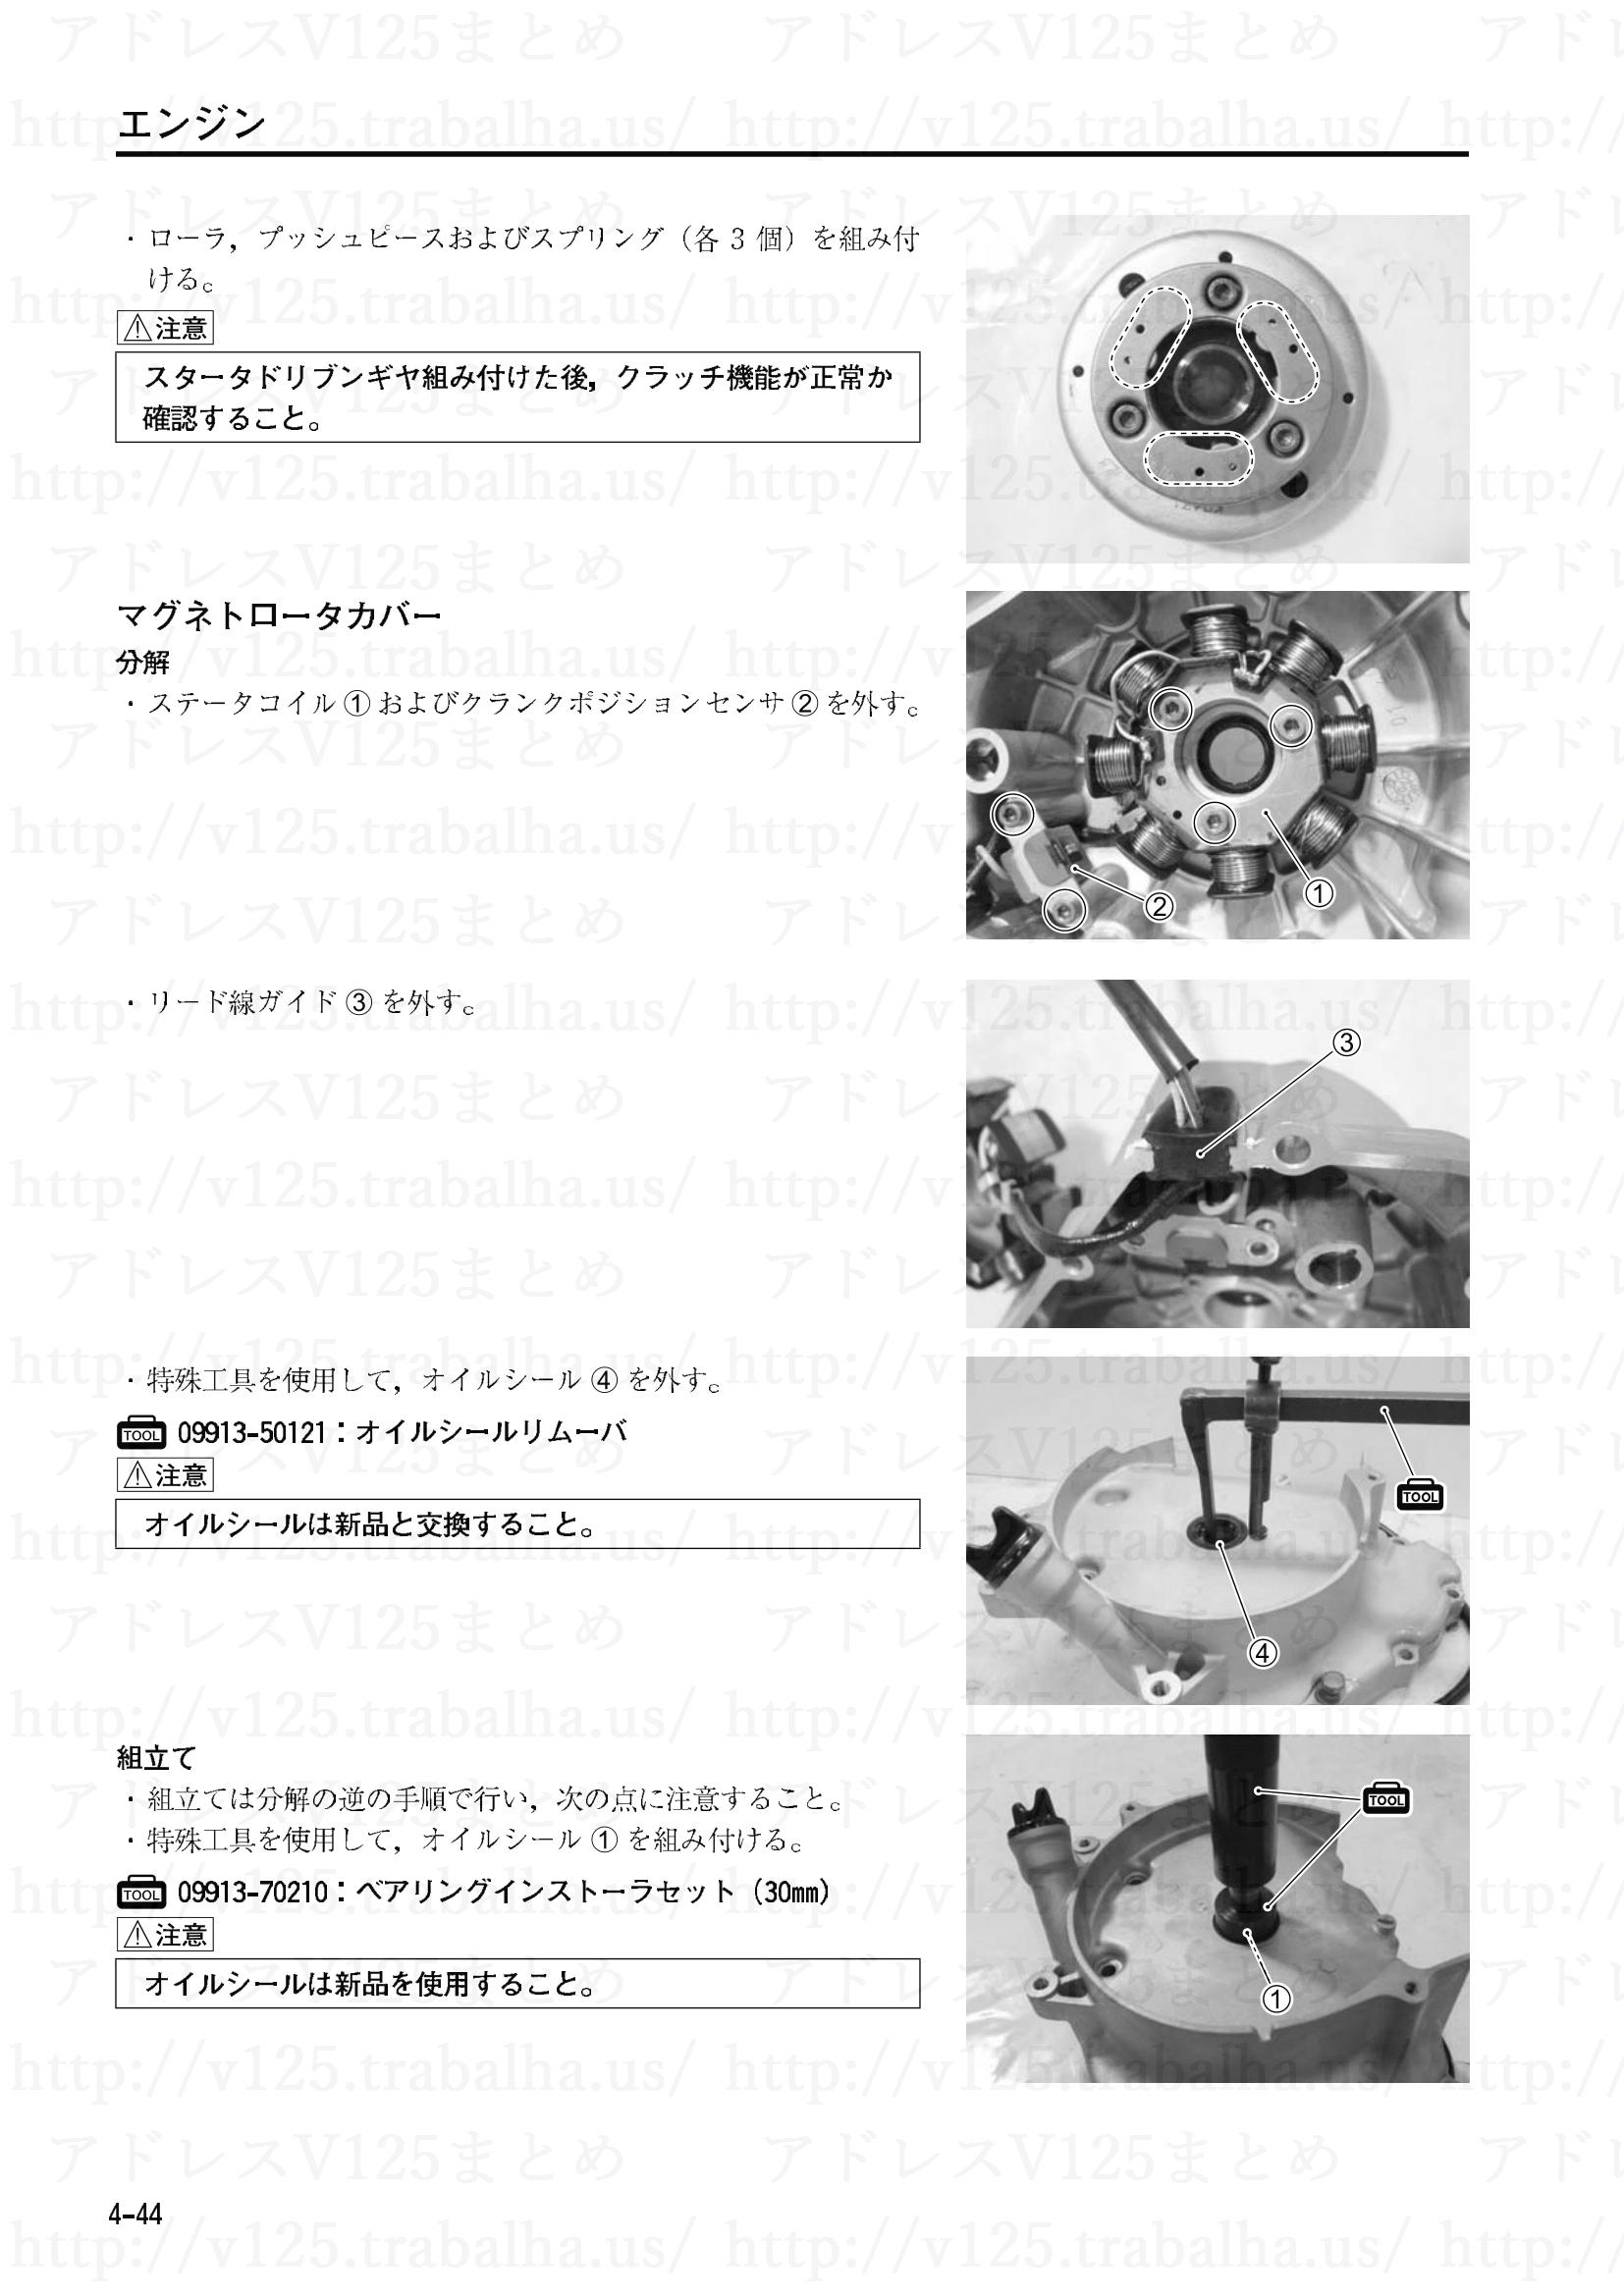 4-44【エンジン】エンジン部組部品の点検22